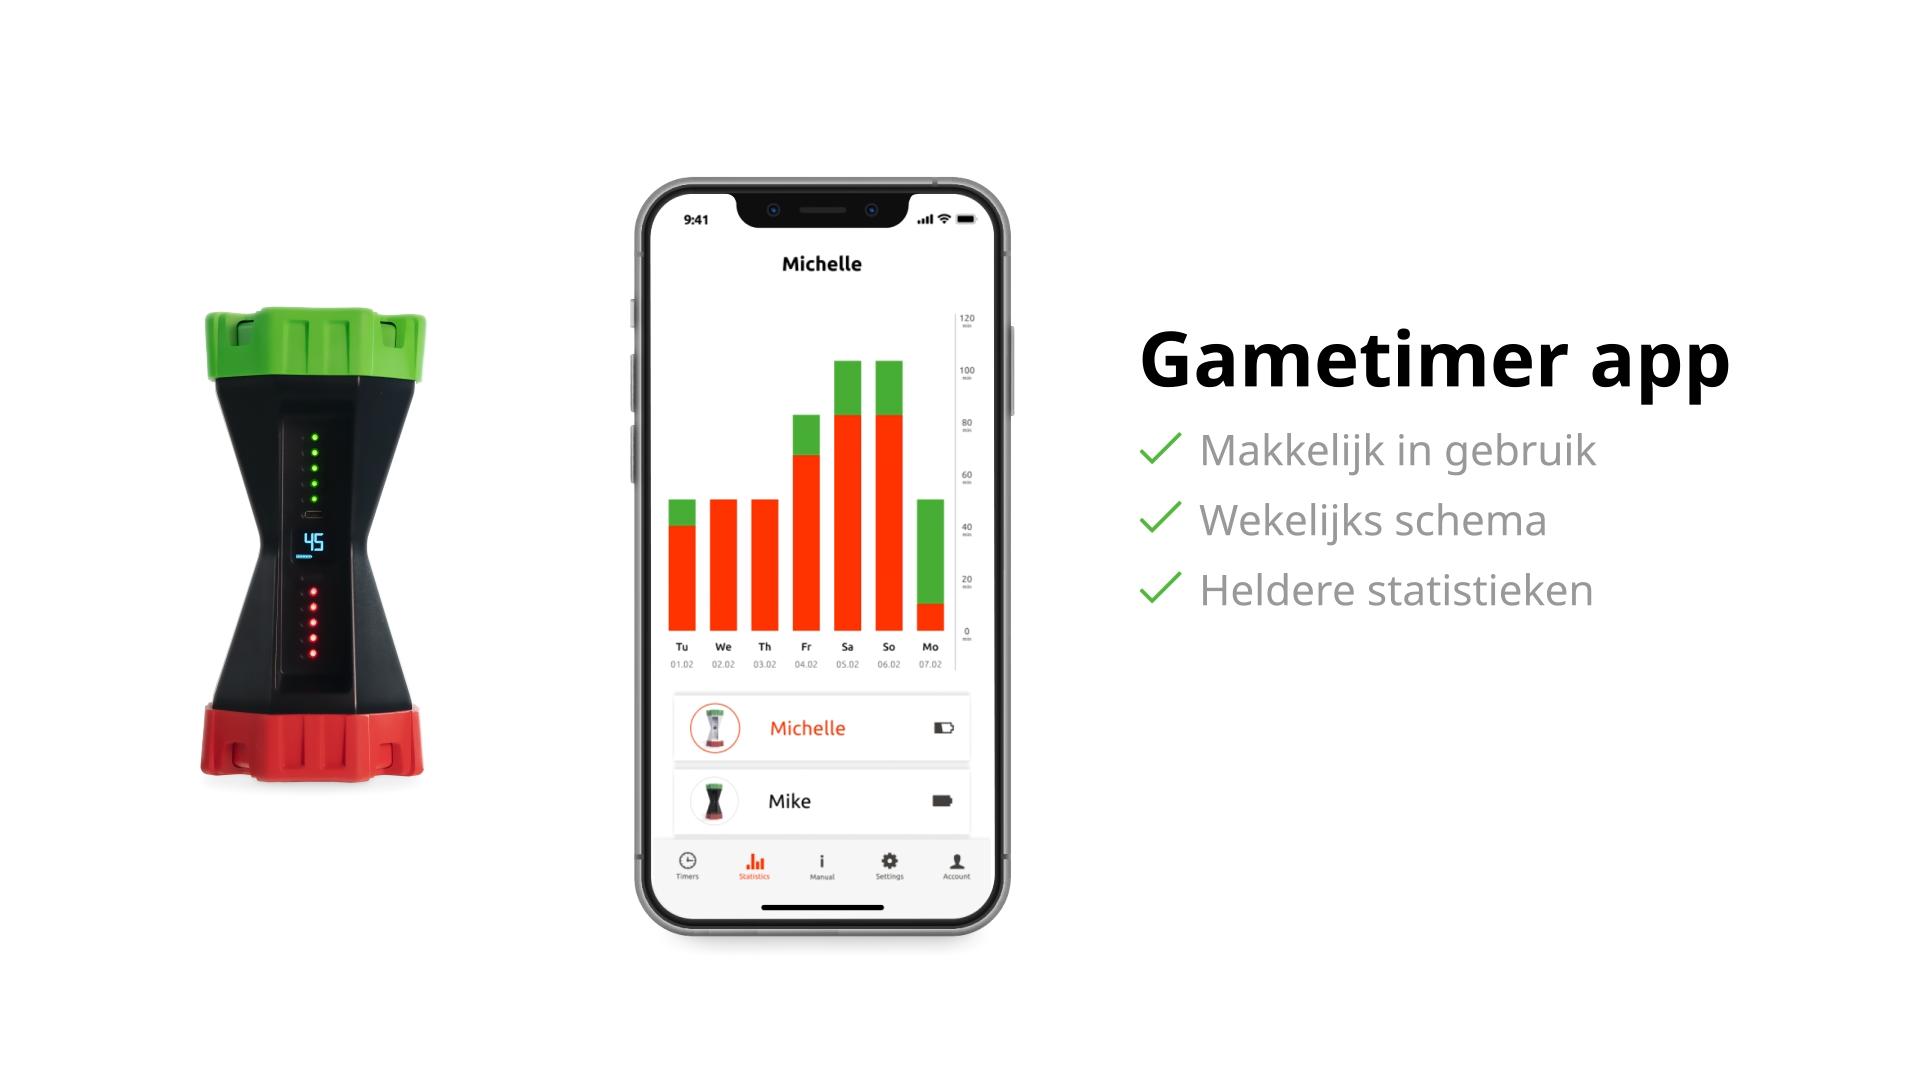 Gametimer app scherm